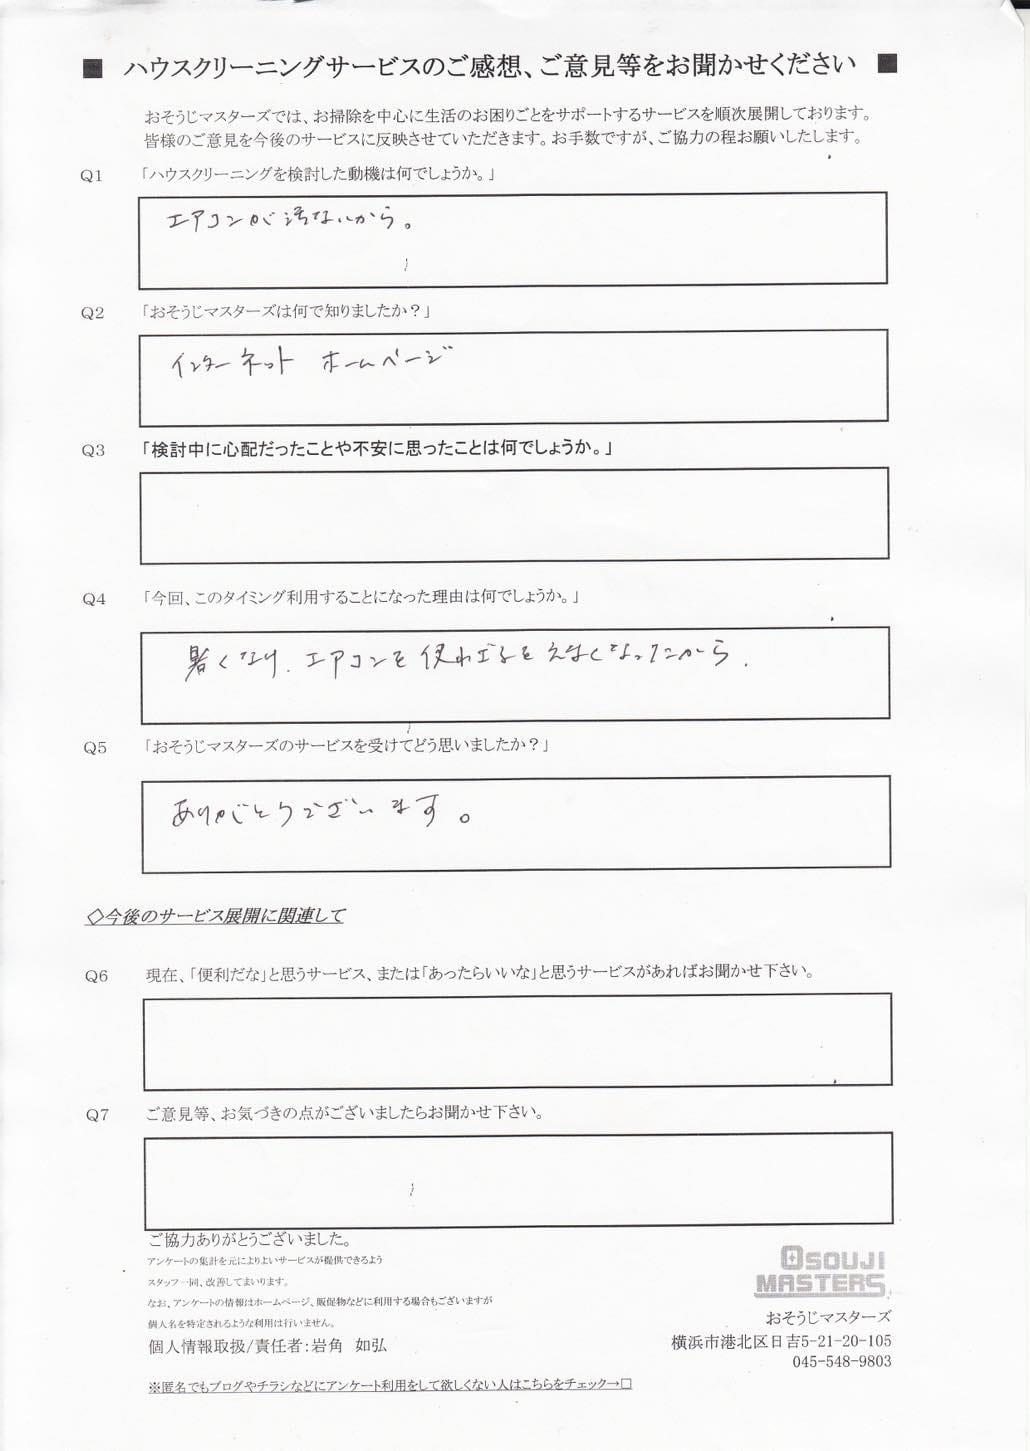 2015/07/16 エアコンクリーニング 【横浜市鶴見区】